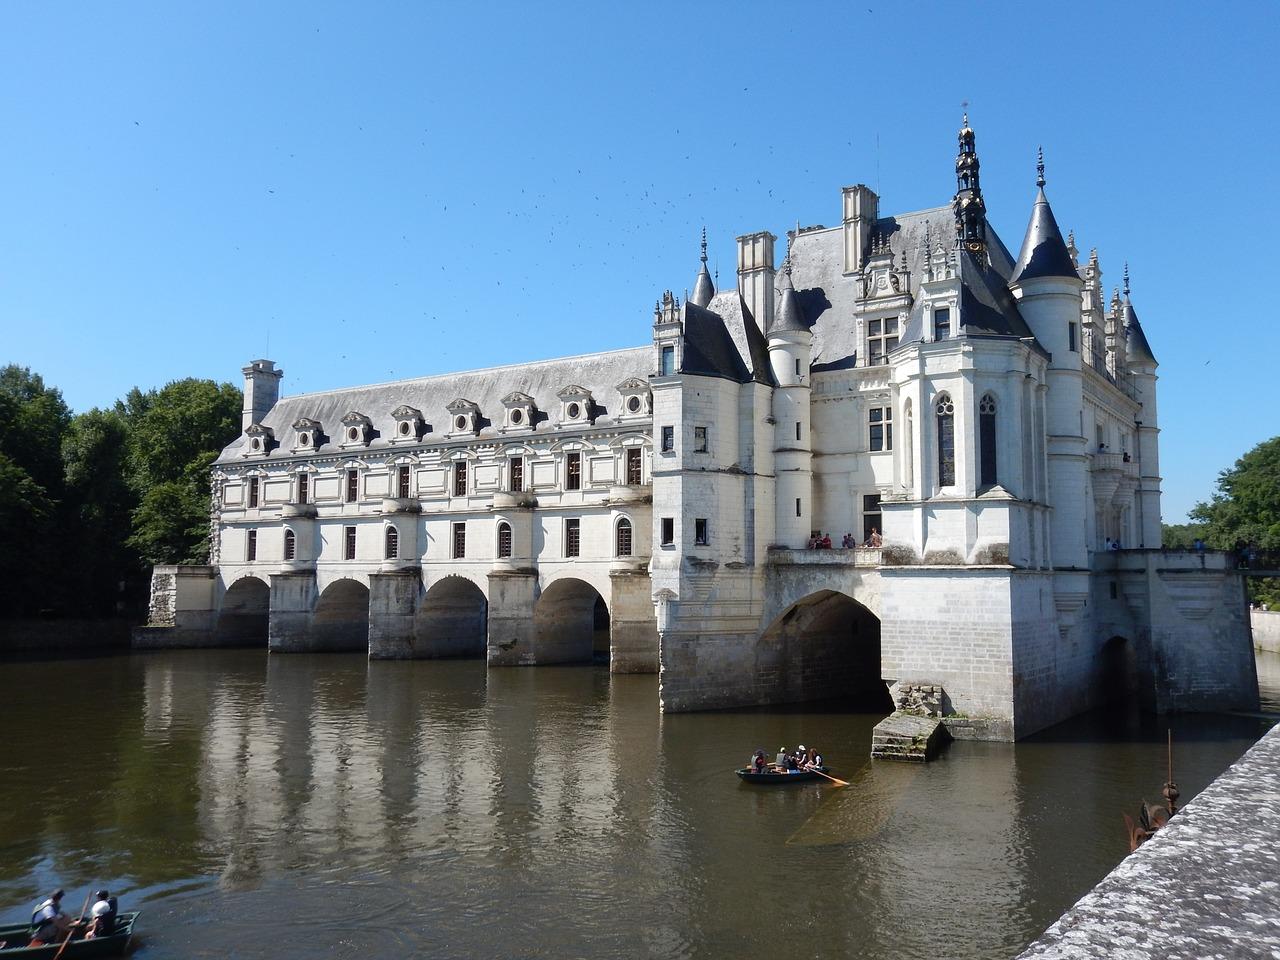 chateau-de-chenonceau-1122159_1280